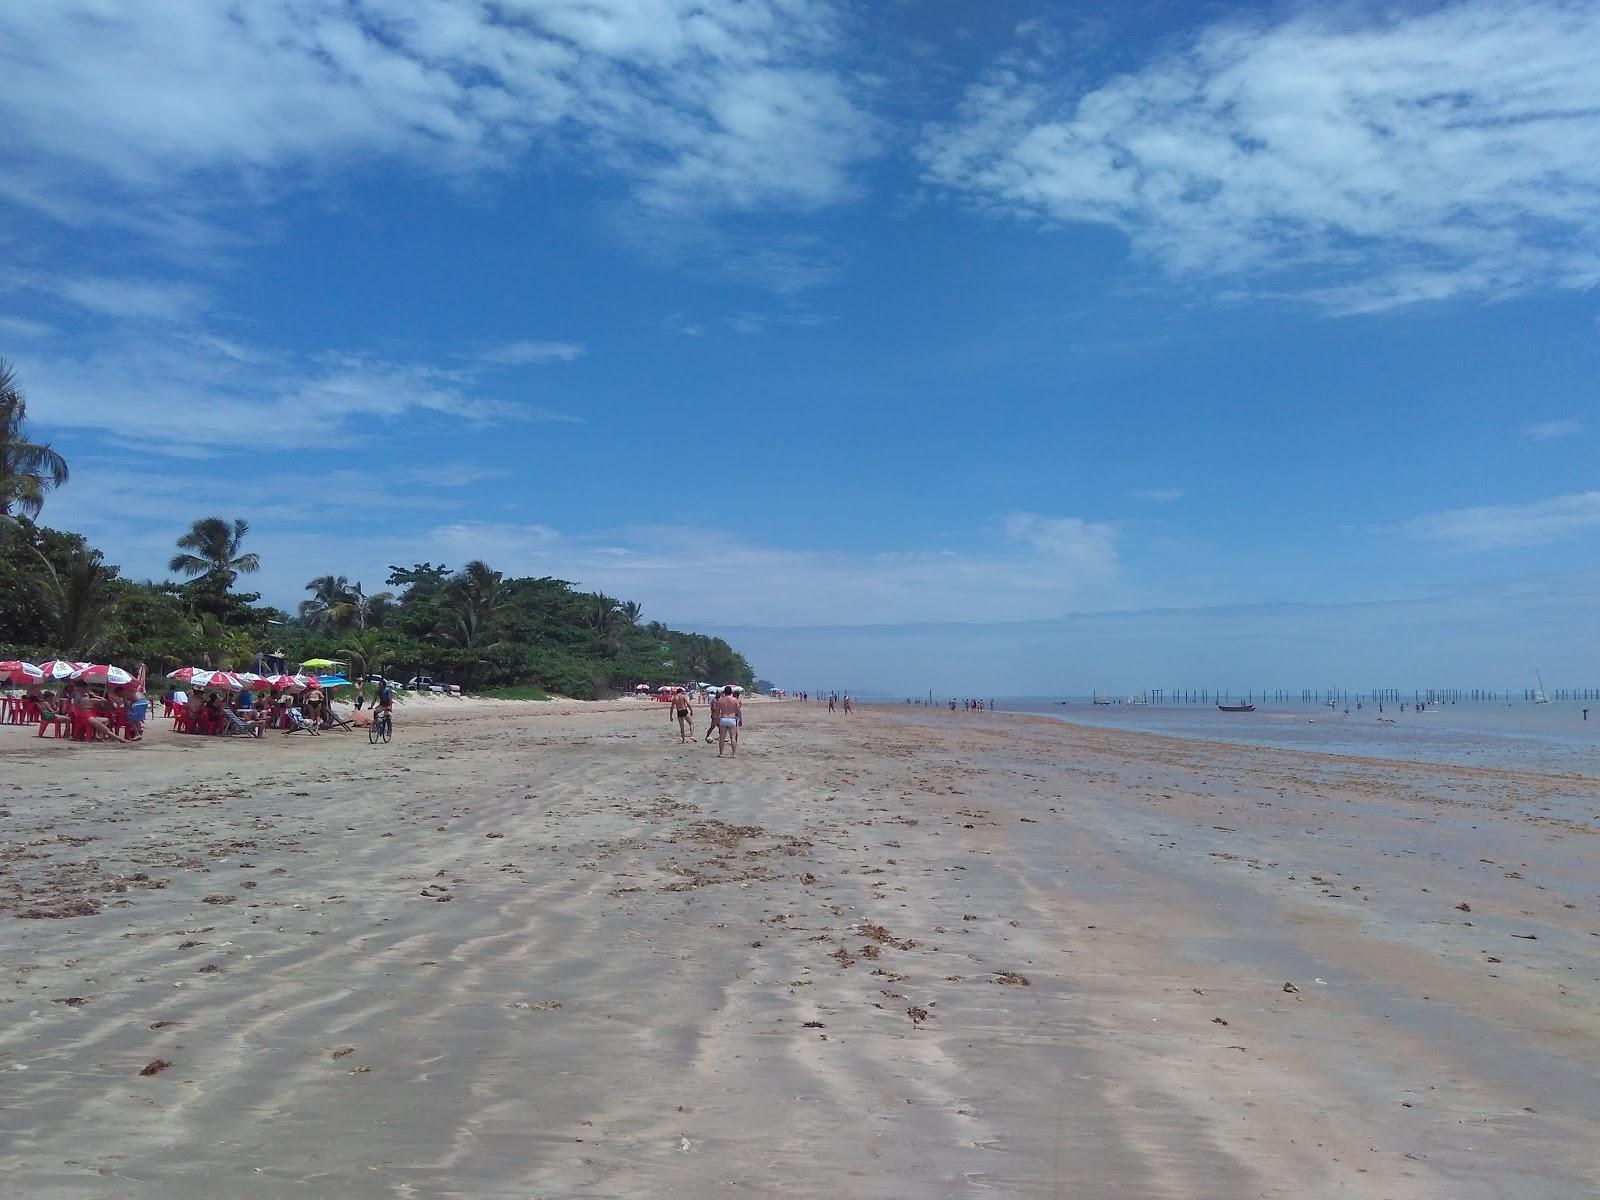 Cumuruxatiba sul da Bahia costa das baleias costa do descobrimento